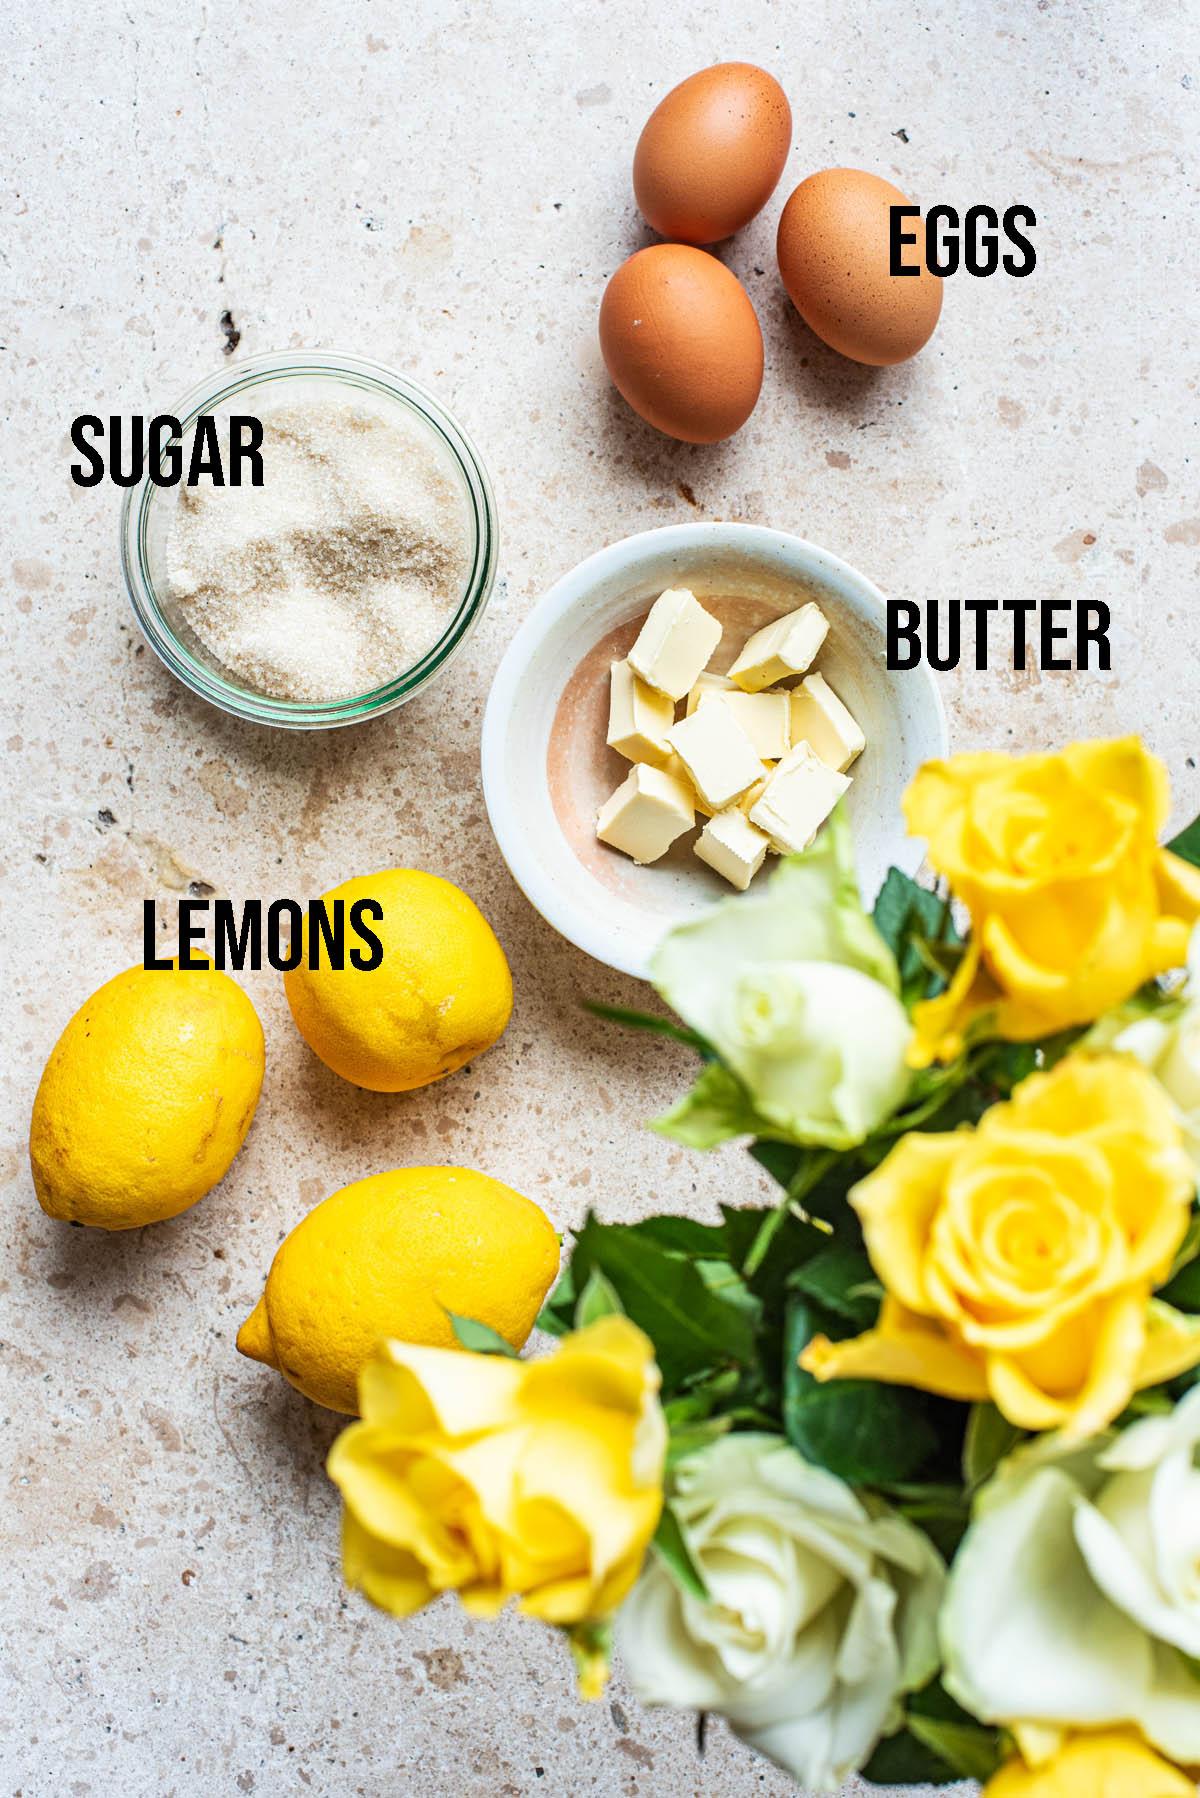 Lemon curd ingredients.